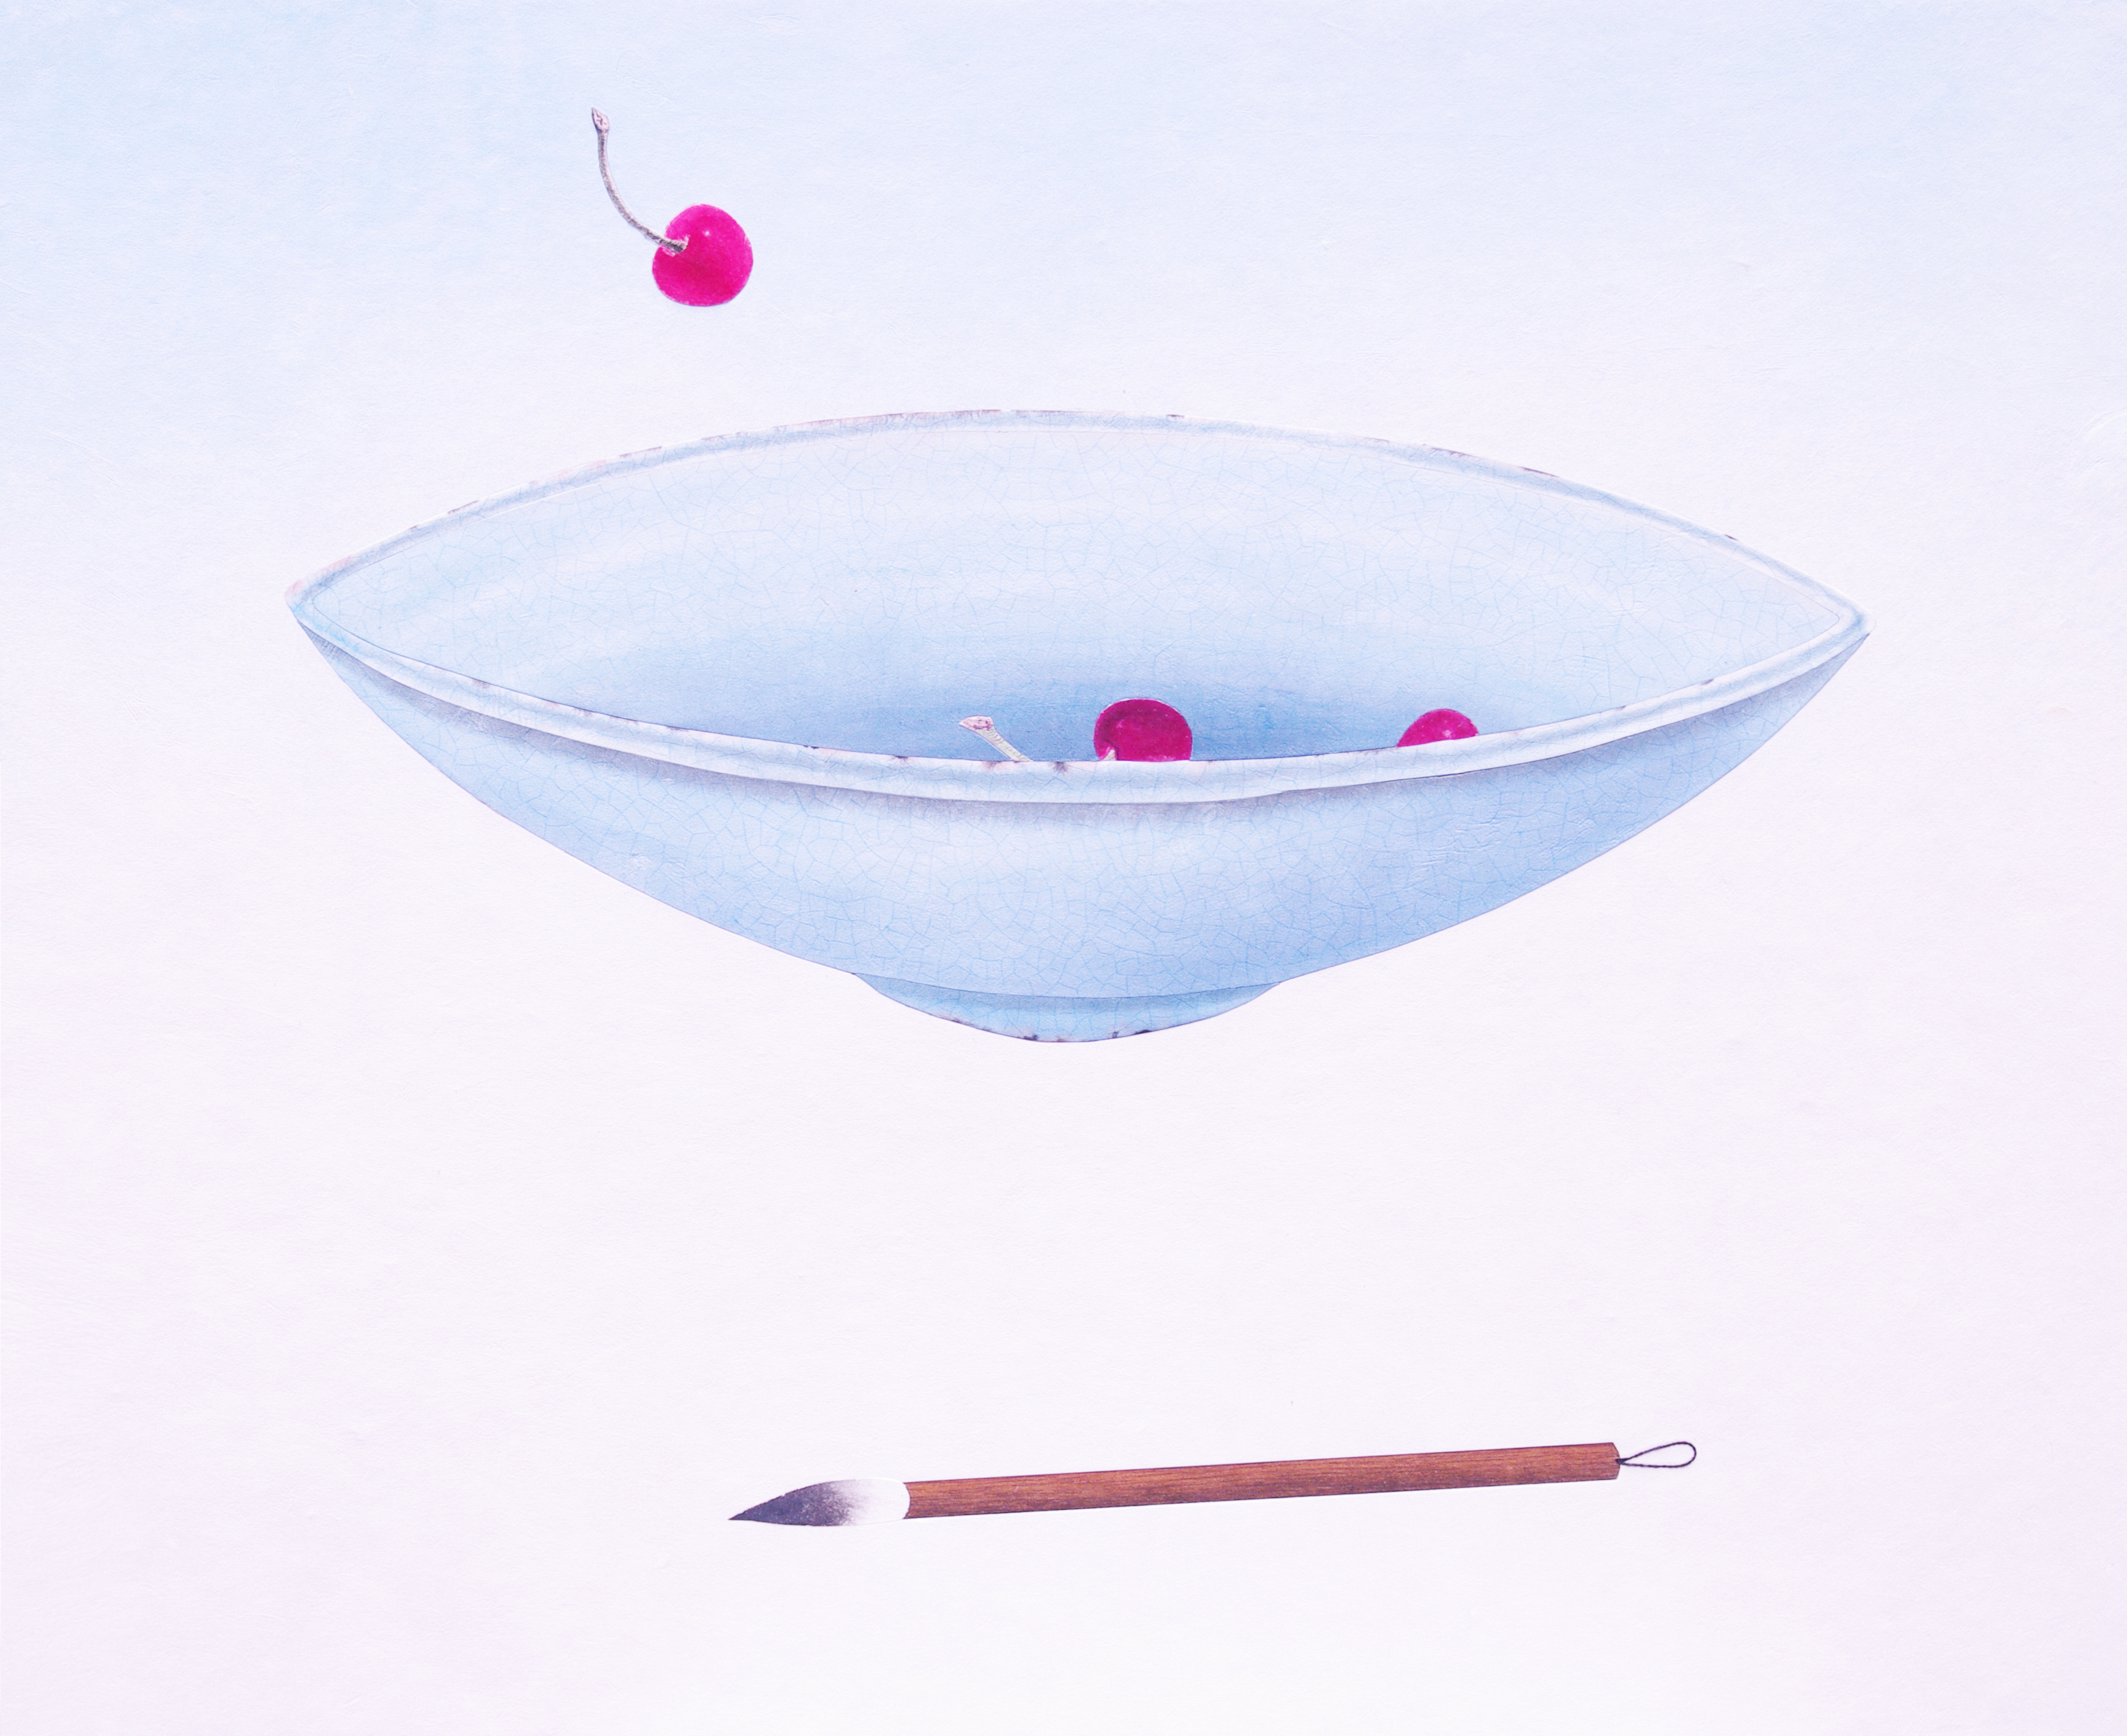 012, 비움과 채움(복을담다),65 x 53 cm, 한지에 혼합재료,